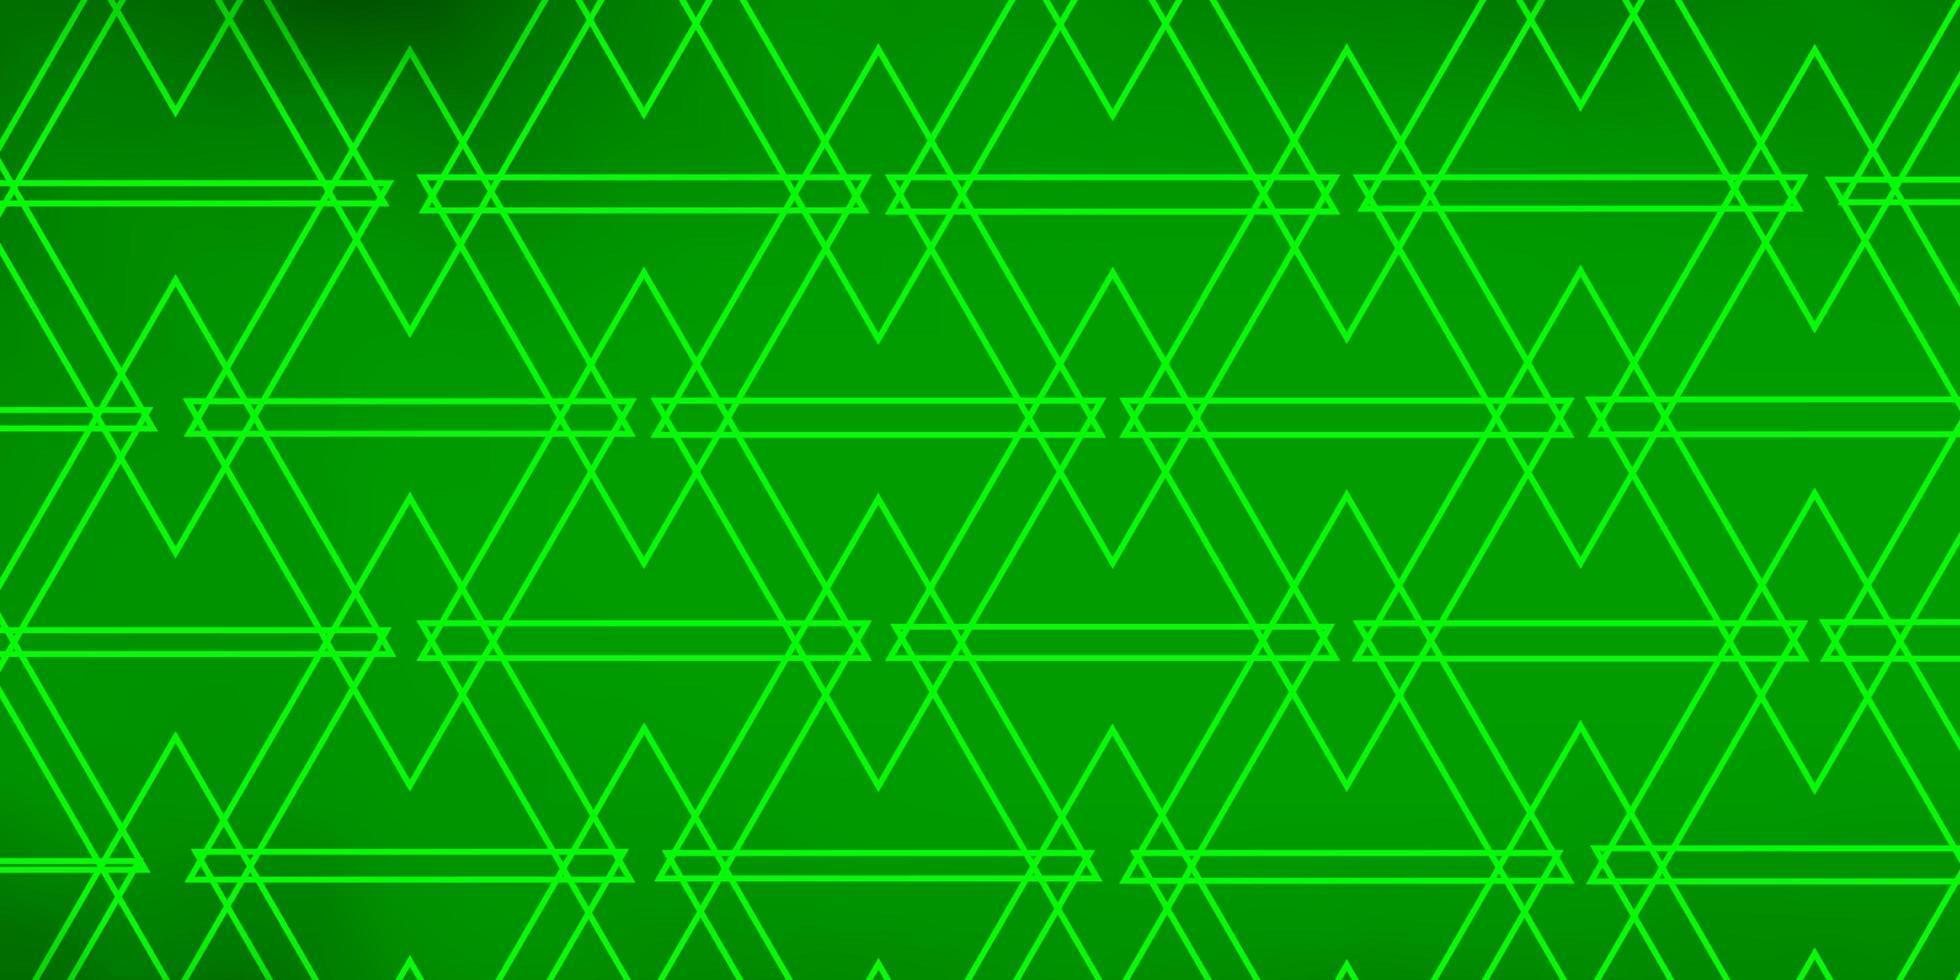 disposition vert clair avec des lignes, des triangles. vecteur